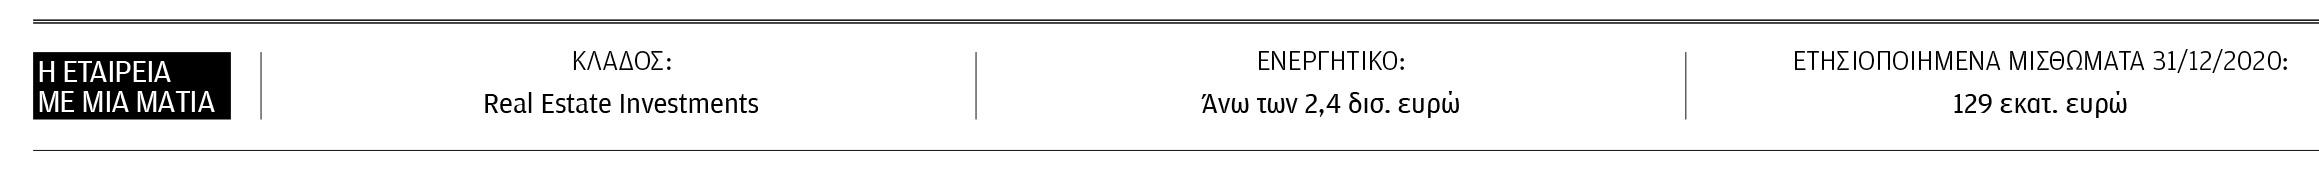 aris-karytinos-o-klados-toy-real-estate-sto-plaisio-tis-epanekkinisis-tis-oikonomias1